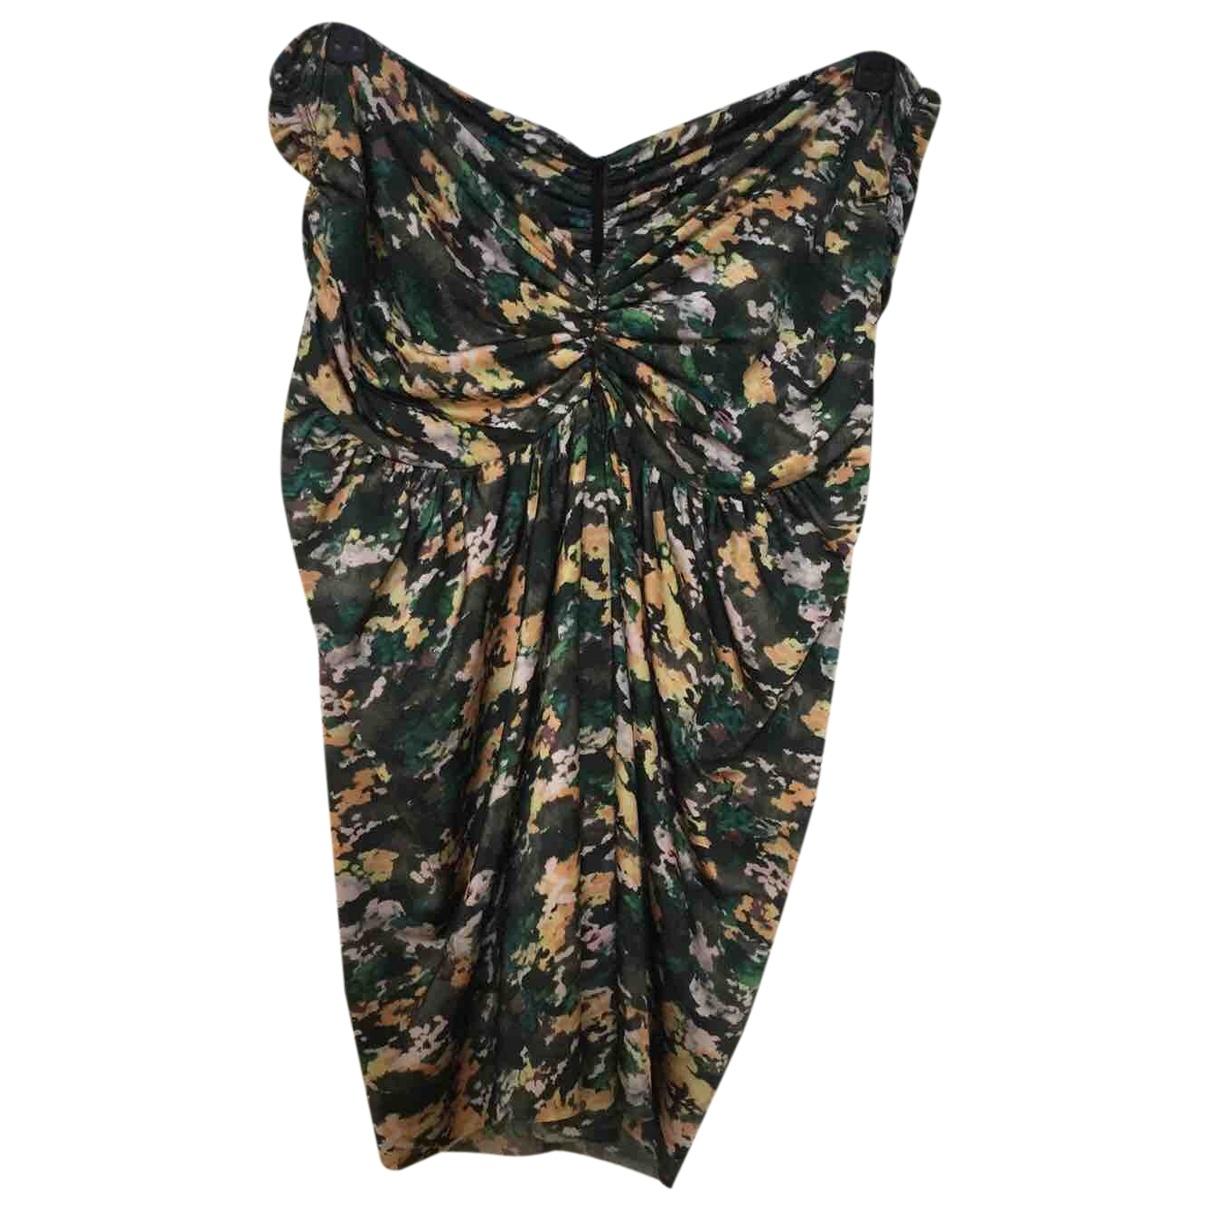 Isabel Marant Etoile \N Multicolour skirt for Women 2 0-5